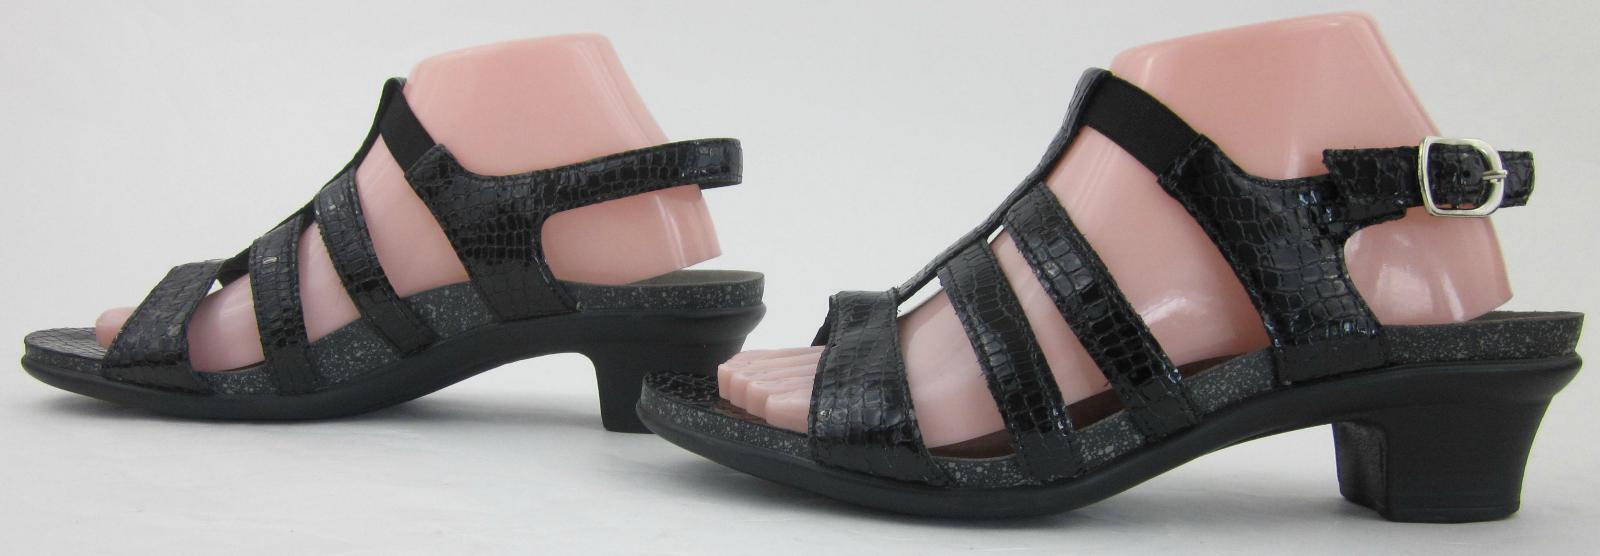 SAS 'Allegro' Tripad Comfort Sandals nero Croc Leather US 10M 10M 10M   MSRP  143 136095